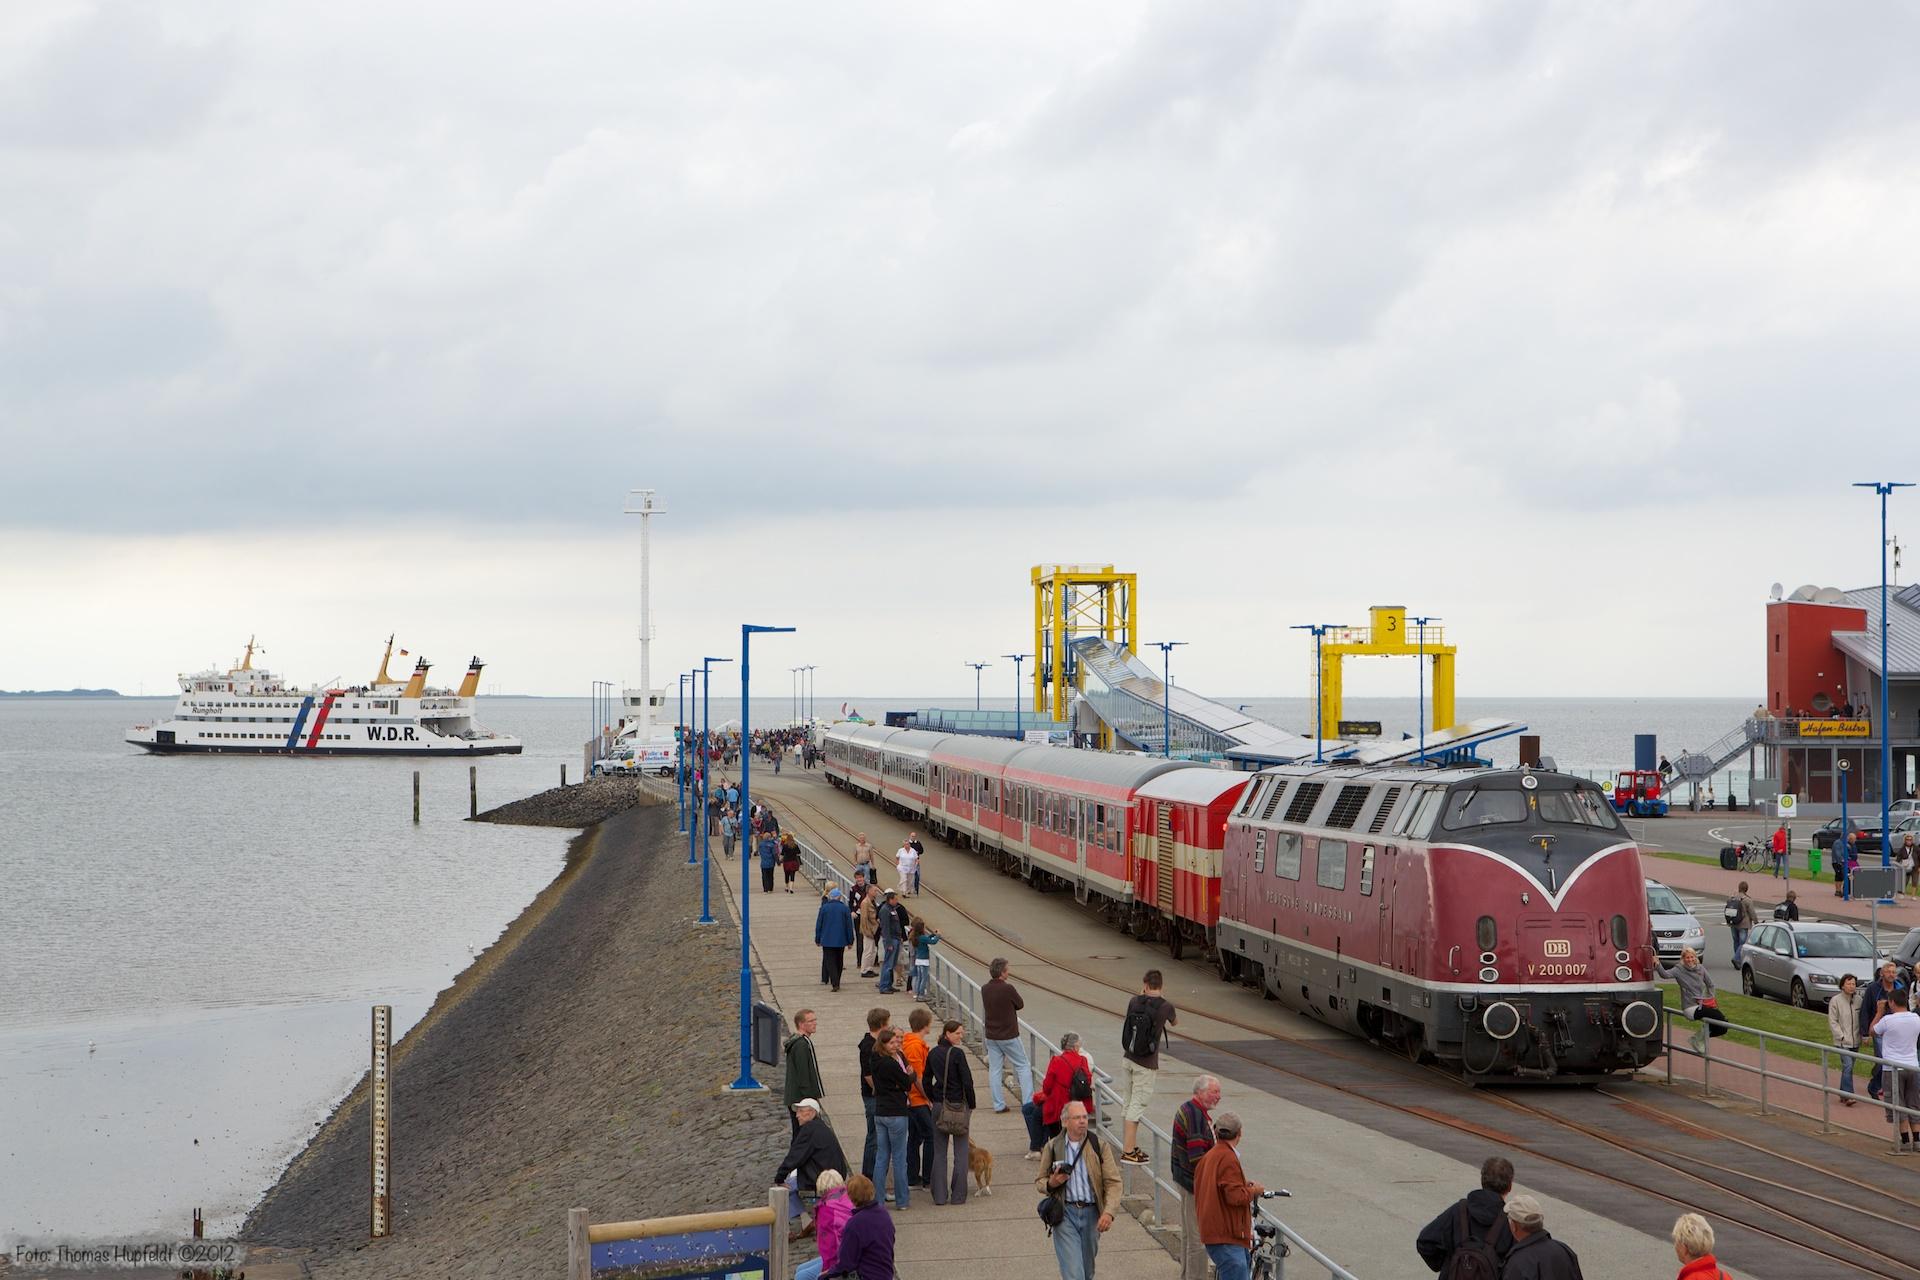 V 200 007 på Dagebüll Mole - 29.07.2012